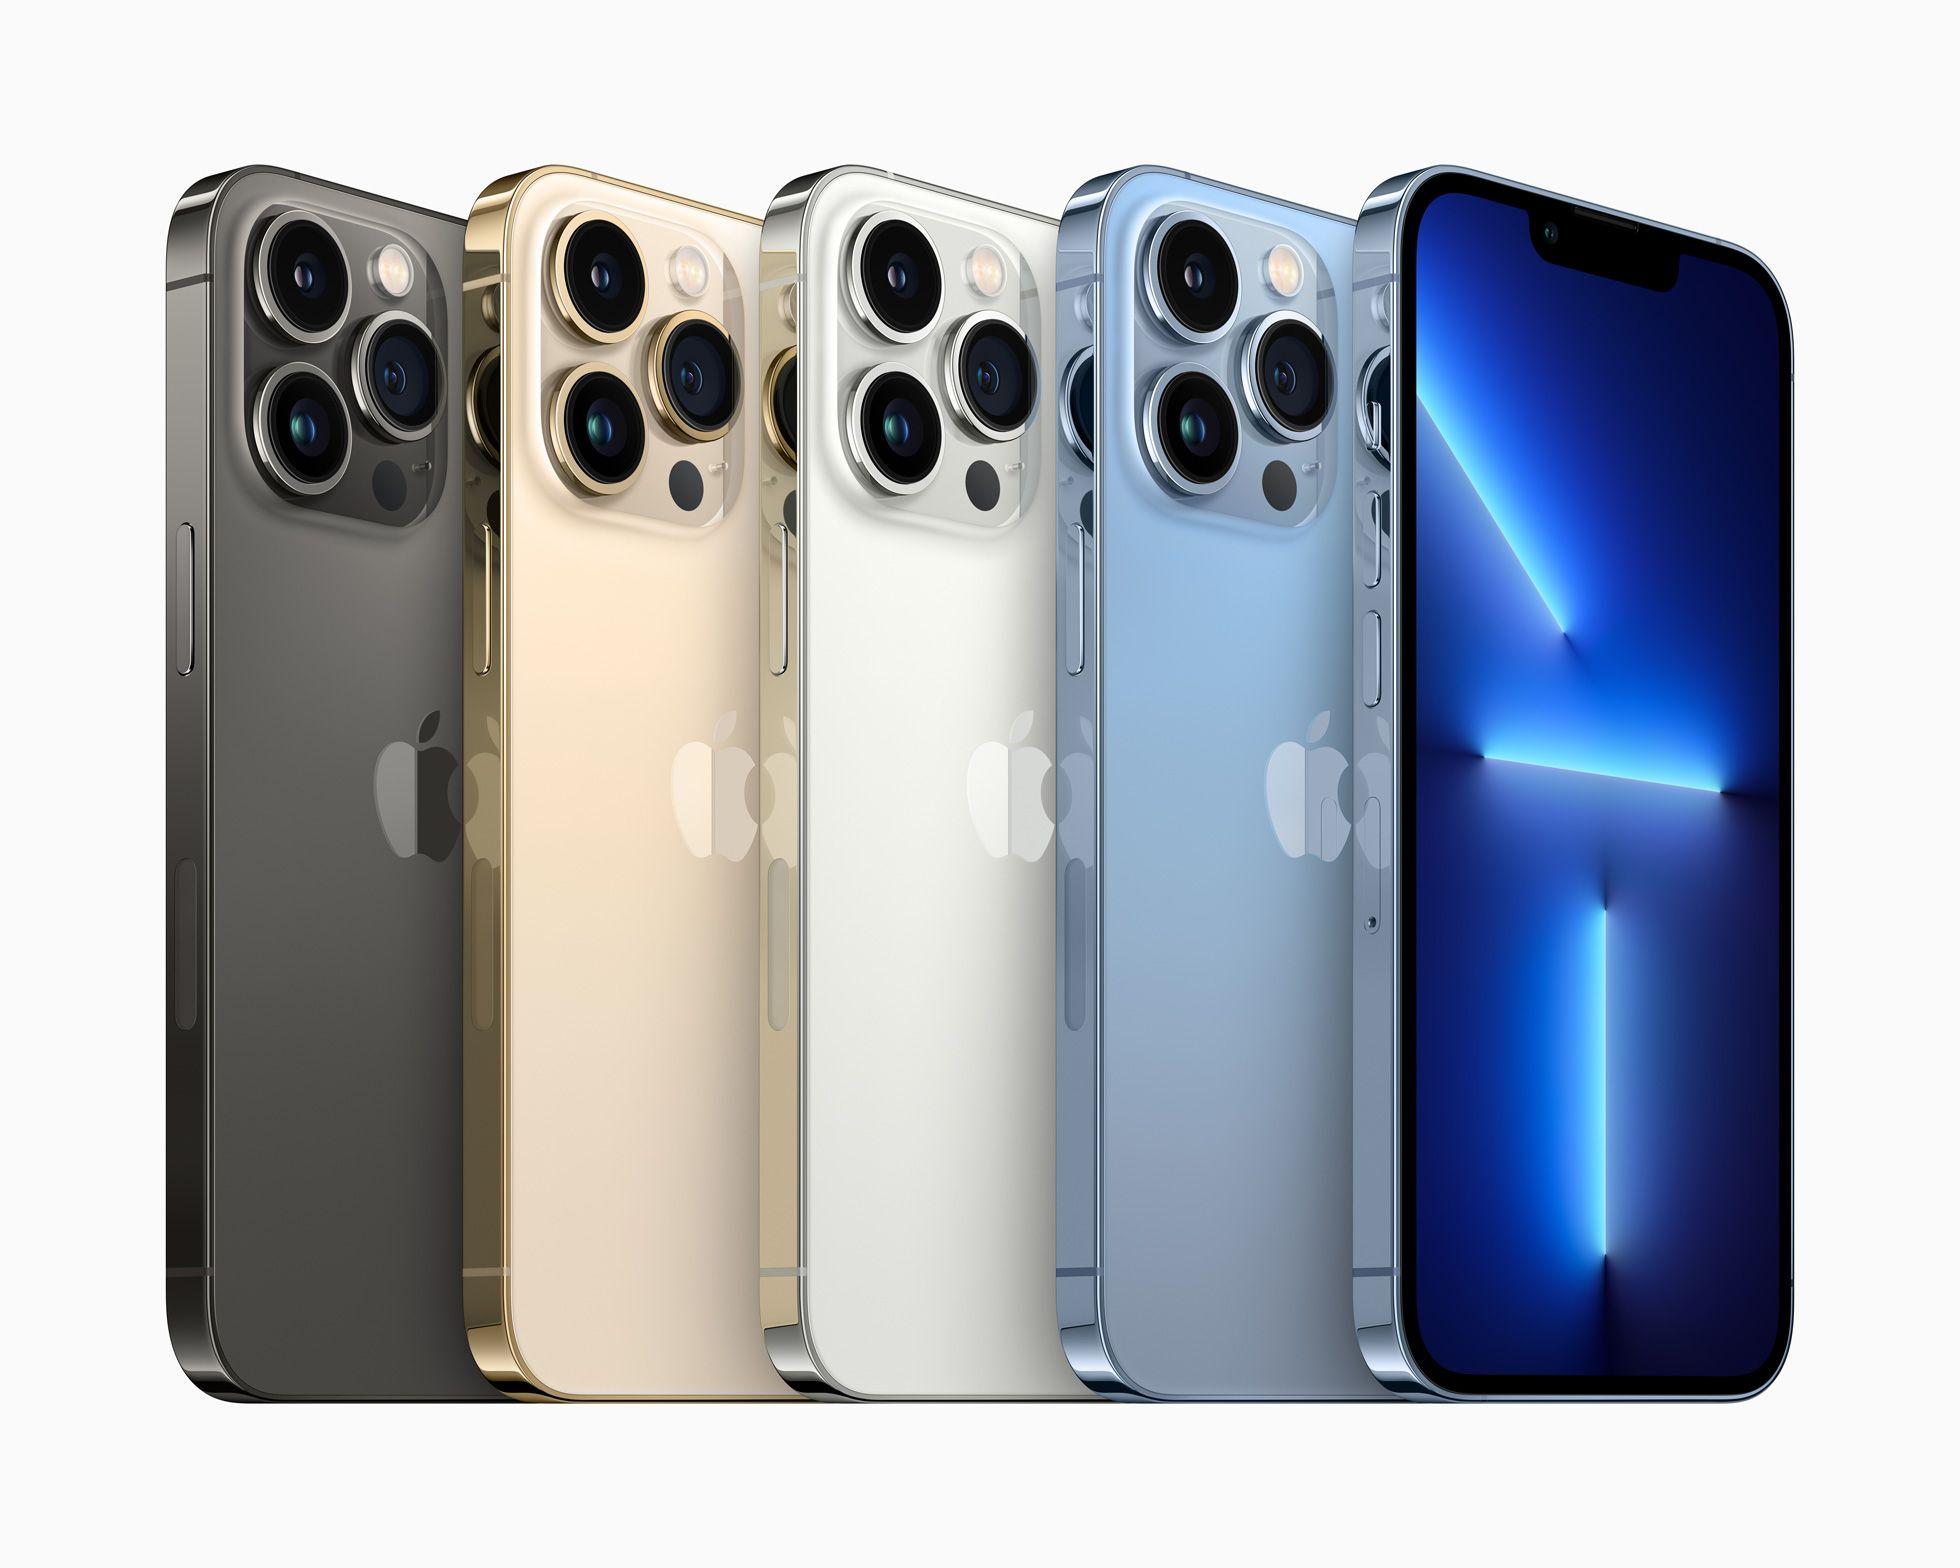 iphone 13 pro precio cuando sale